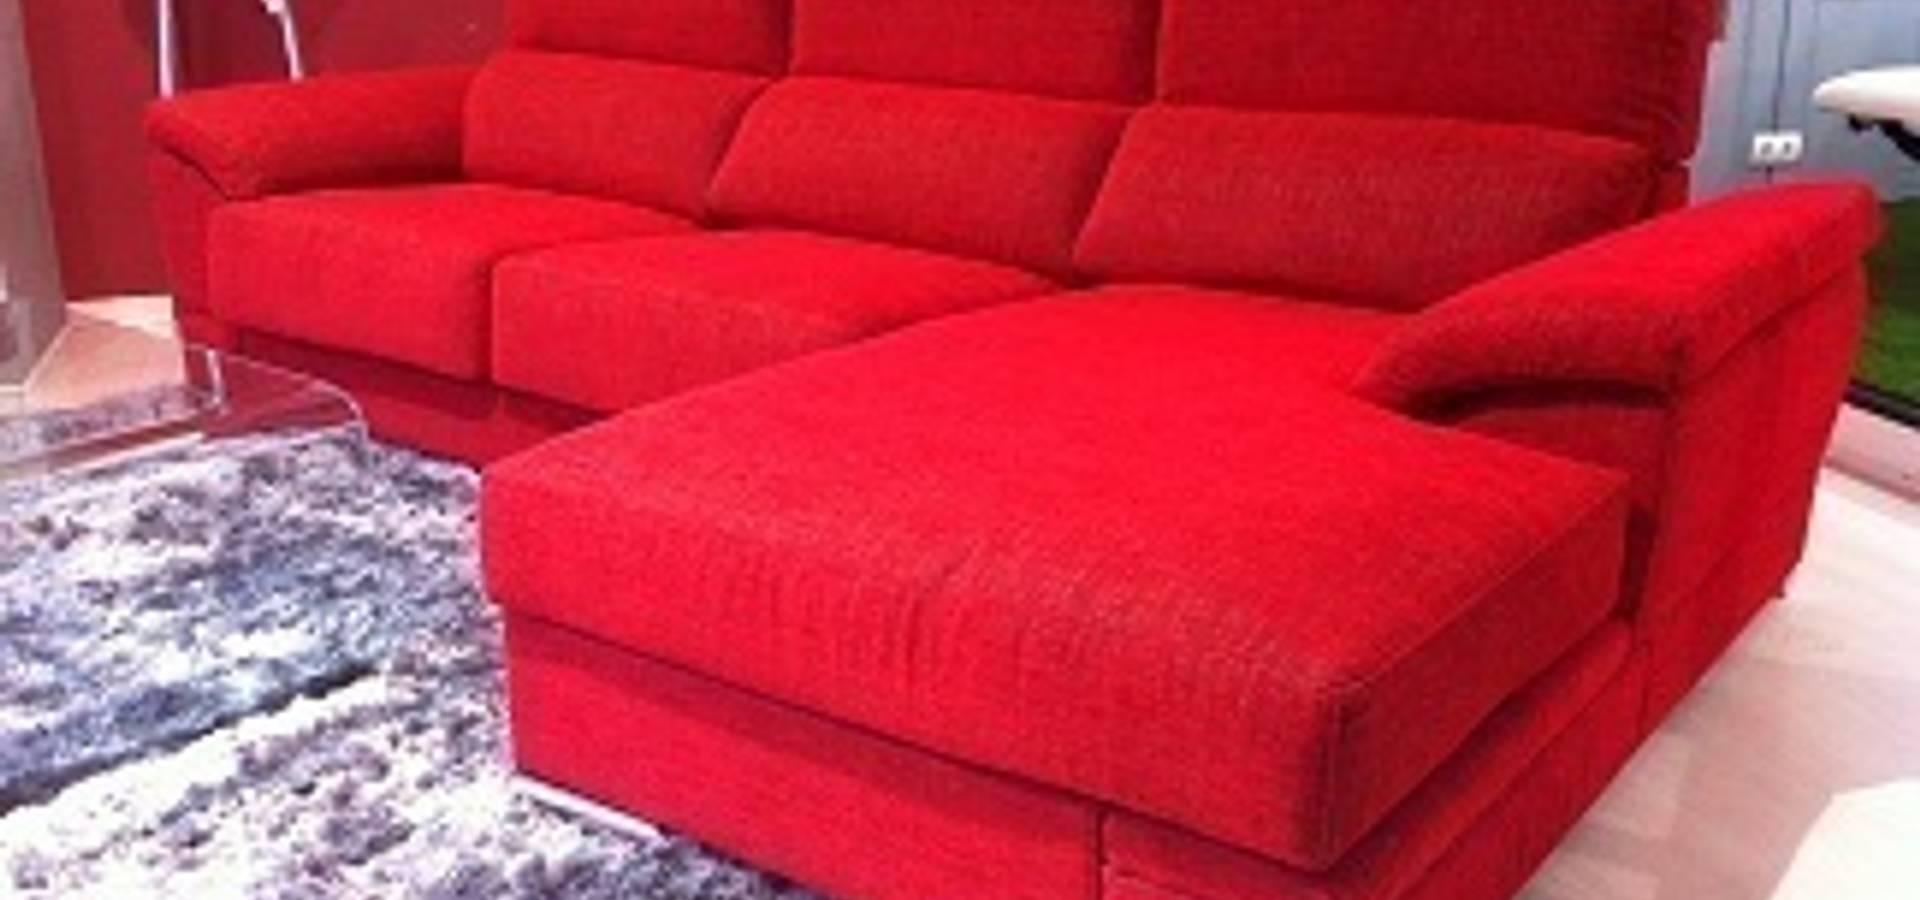 Lbs sofas sillas sillones muebles y accesorios en for Muebles sillones sofas